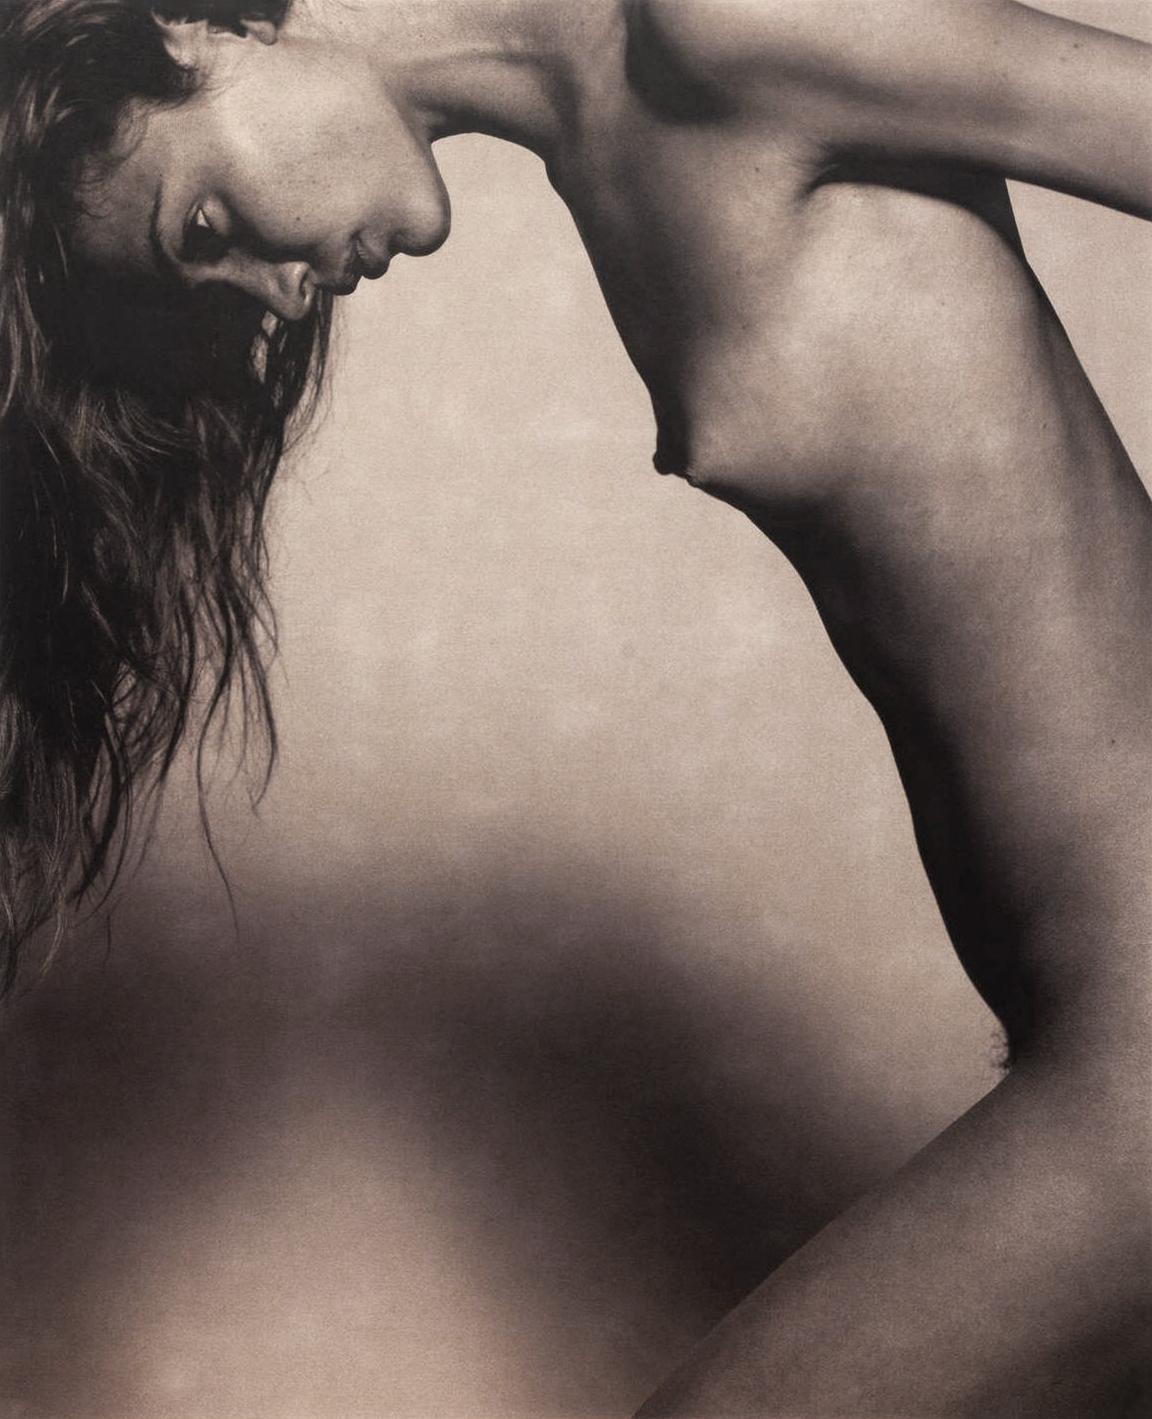 Jodie_Kidd_Karl_Lagerfeld-Visionaire-saloandseverine.jpg